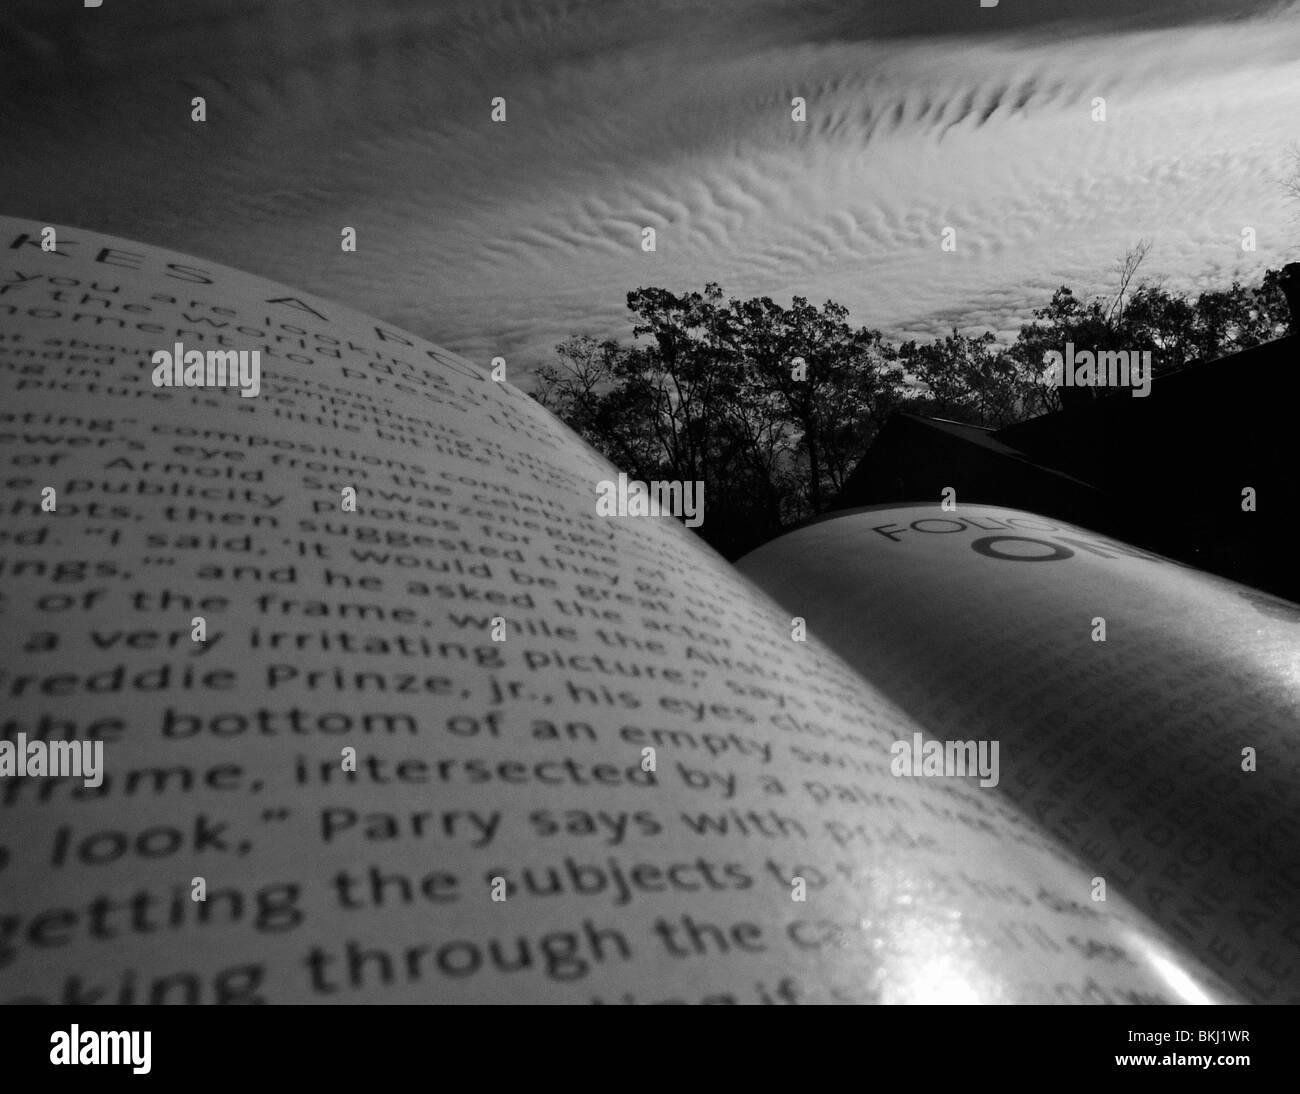 Offenes Magazin mit abstrakten Himmel im Hintergrund. Stockbild